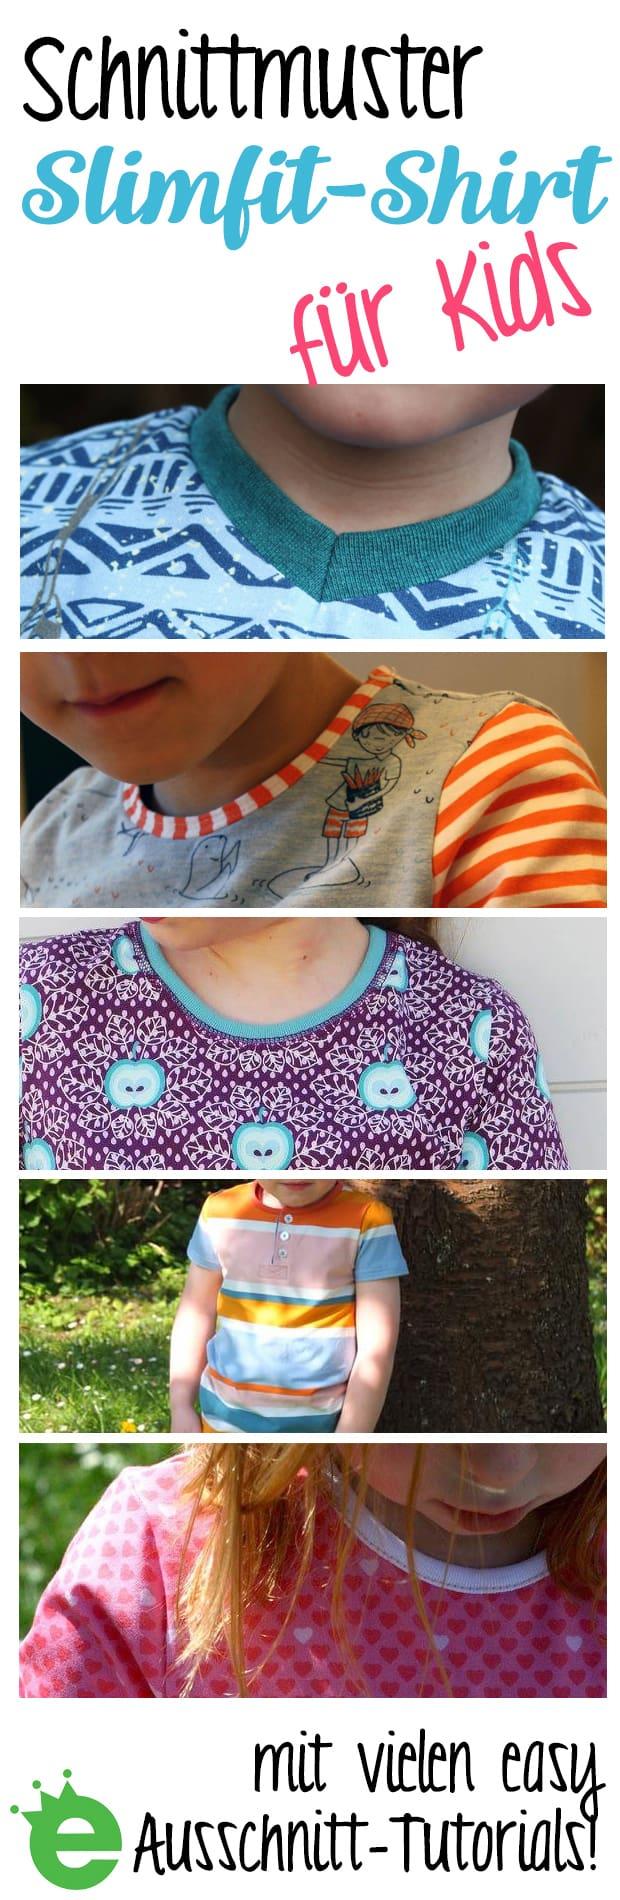 Slimfit-Shirt / Longsleeve / T-Shirt-Schnitt für Kinder zum Selbernähen, mit vielen Ausschnitt-Tutorials